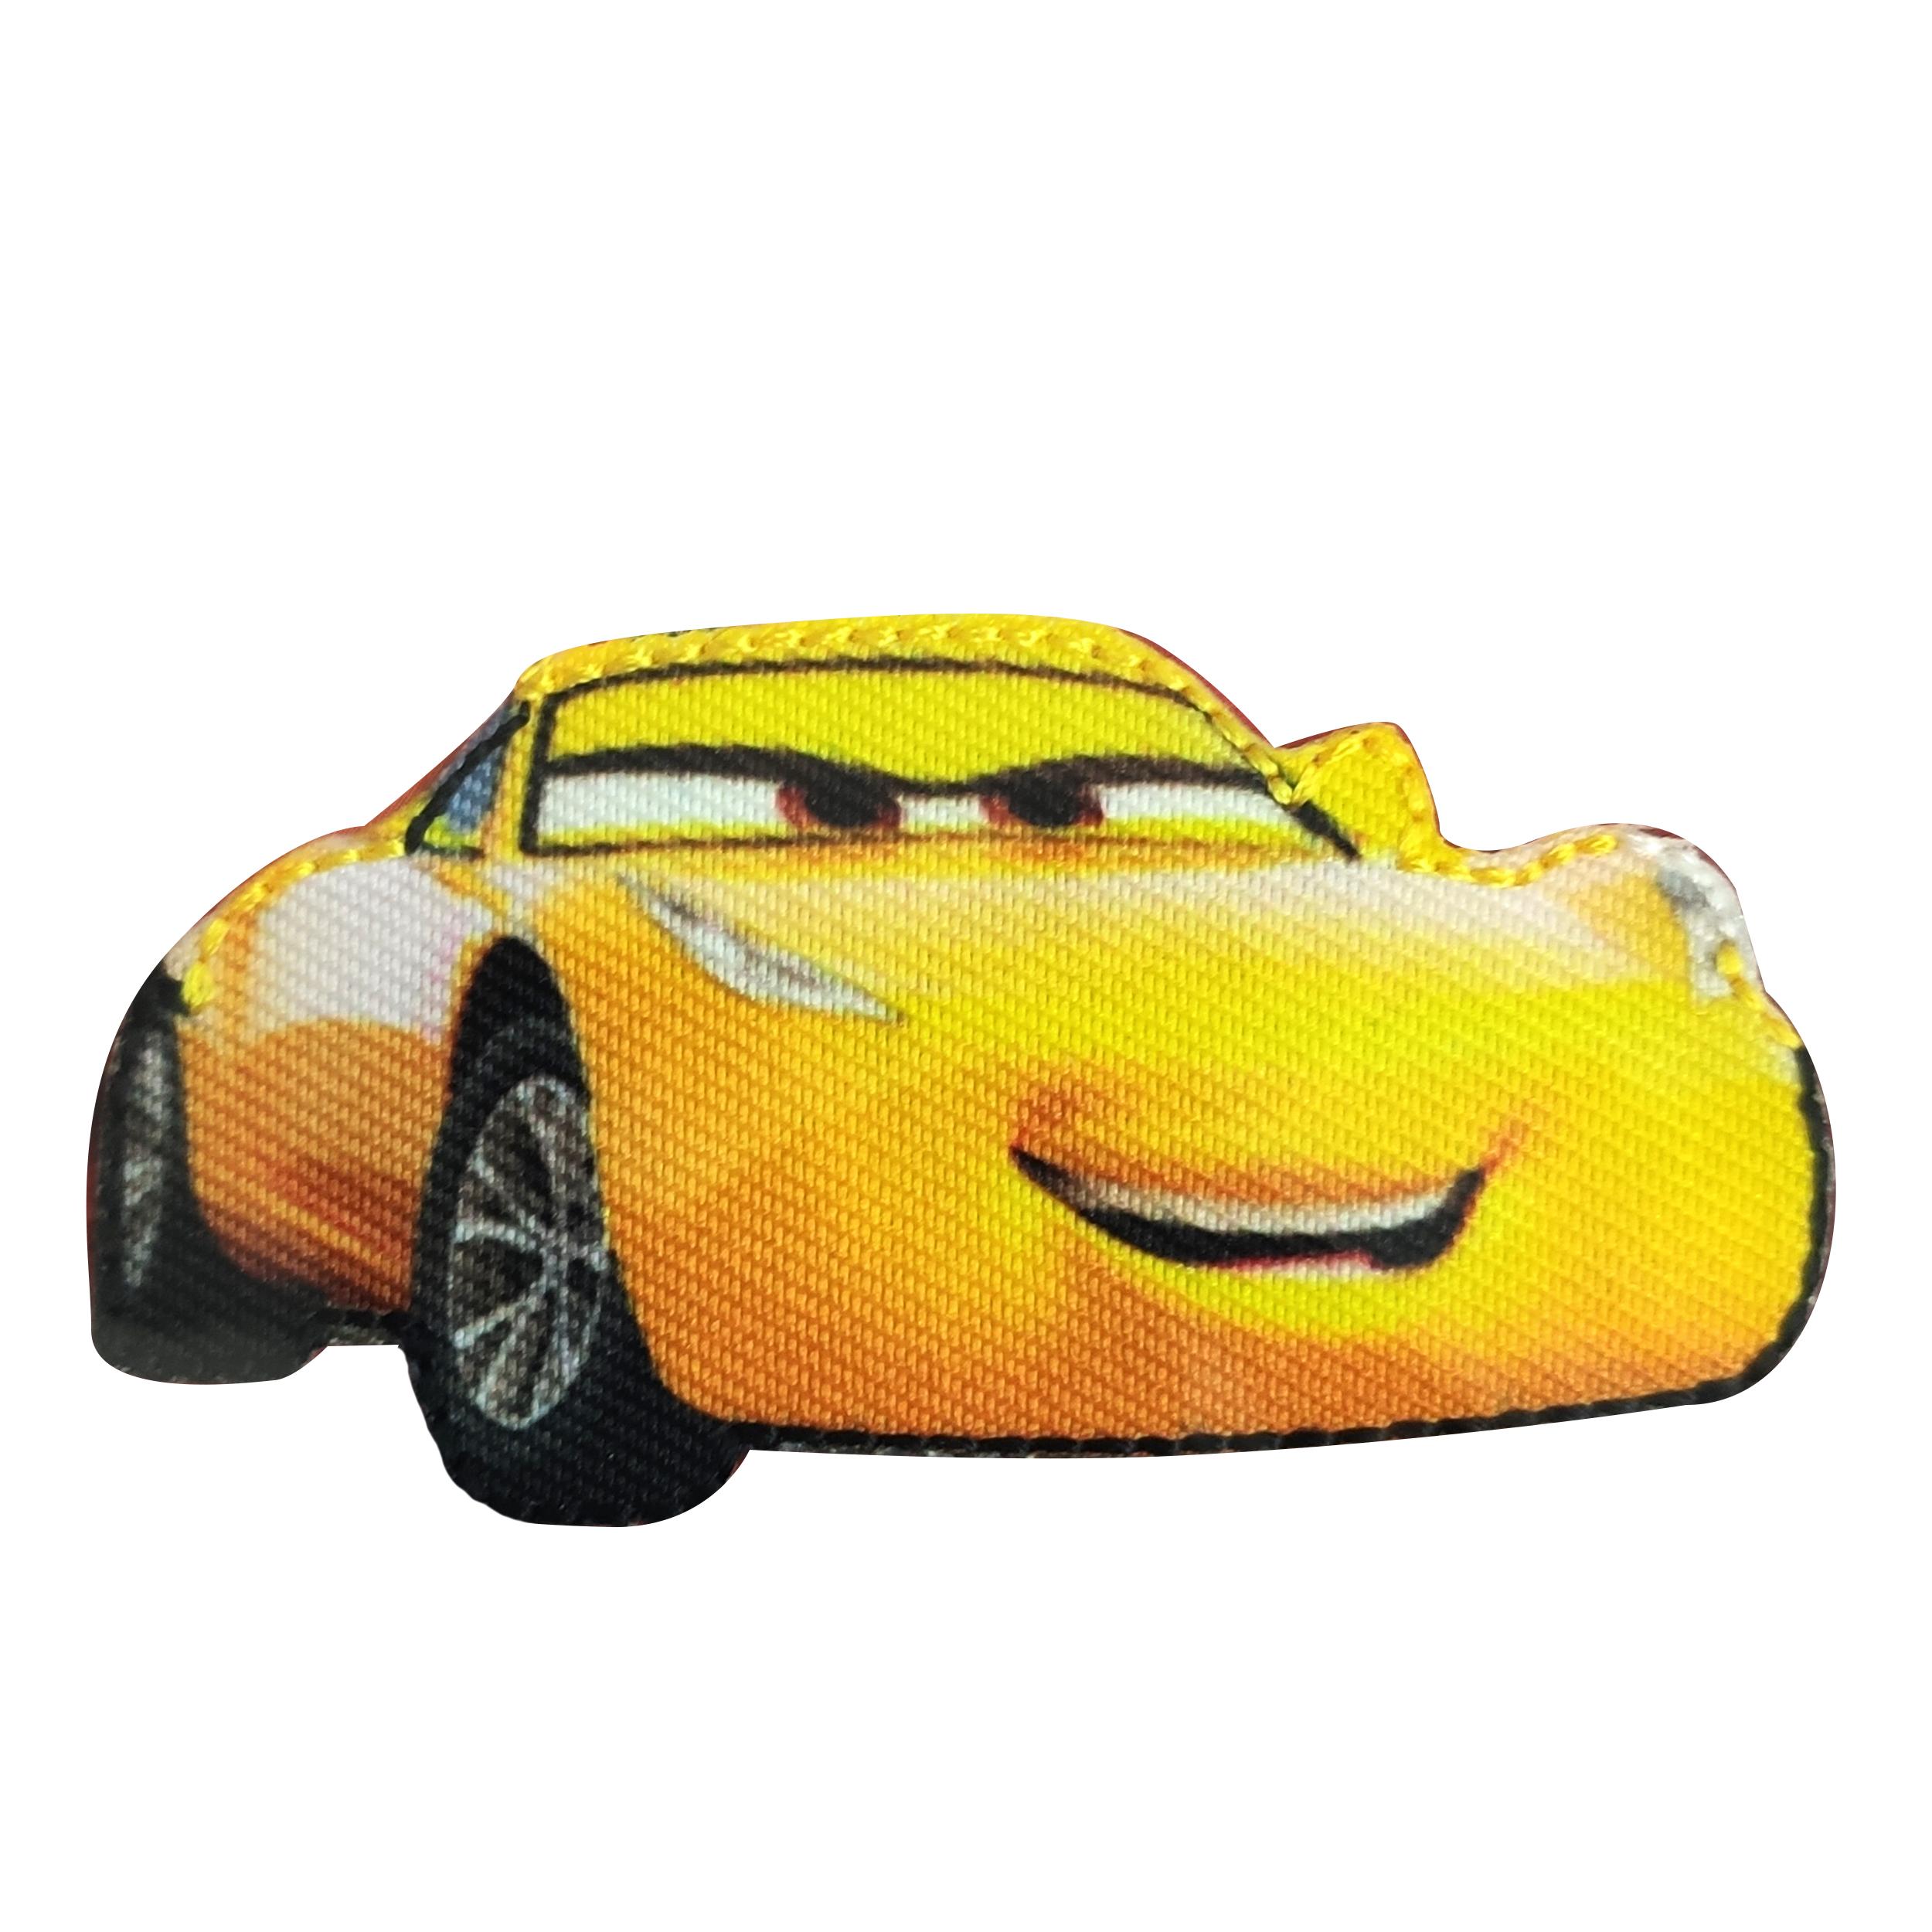 Applicazione Disney Marbet Cars Cruz Ramirez